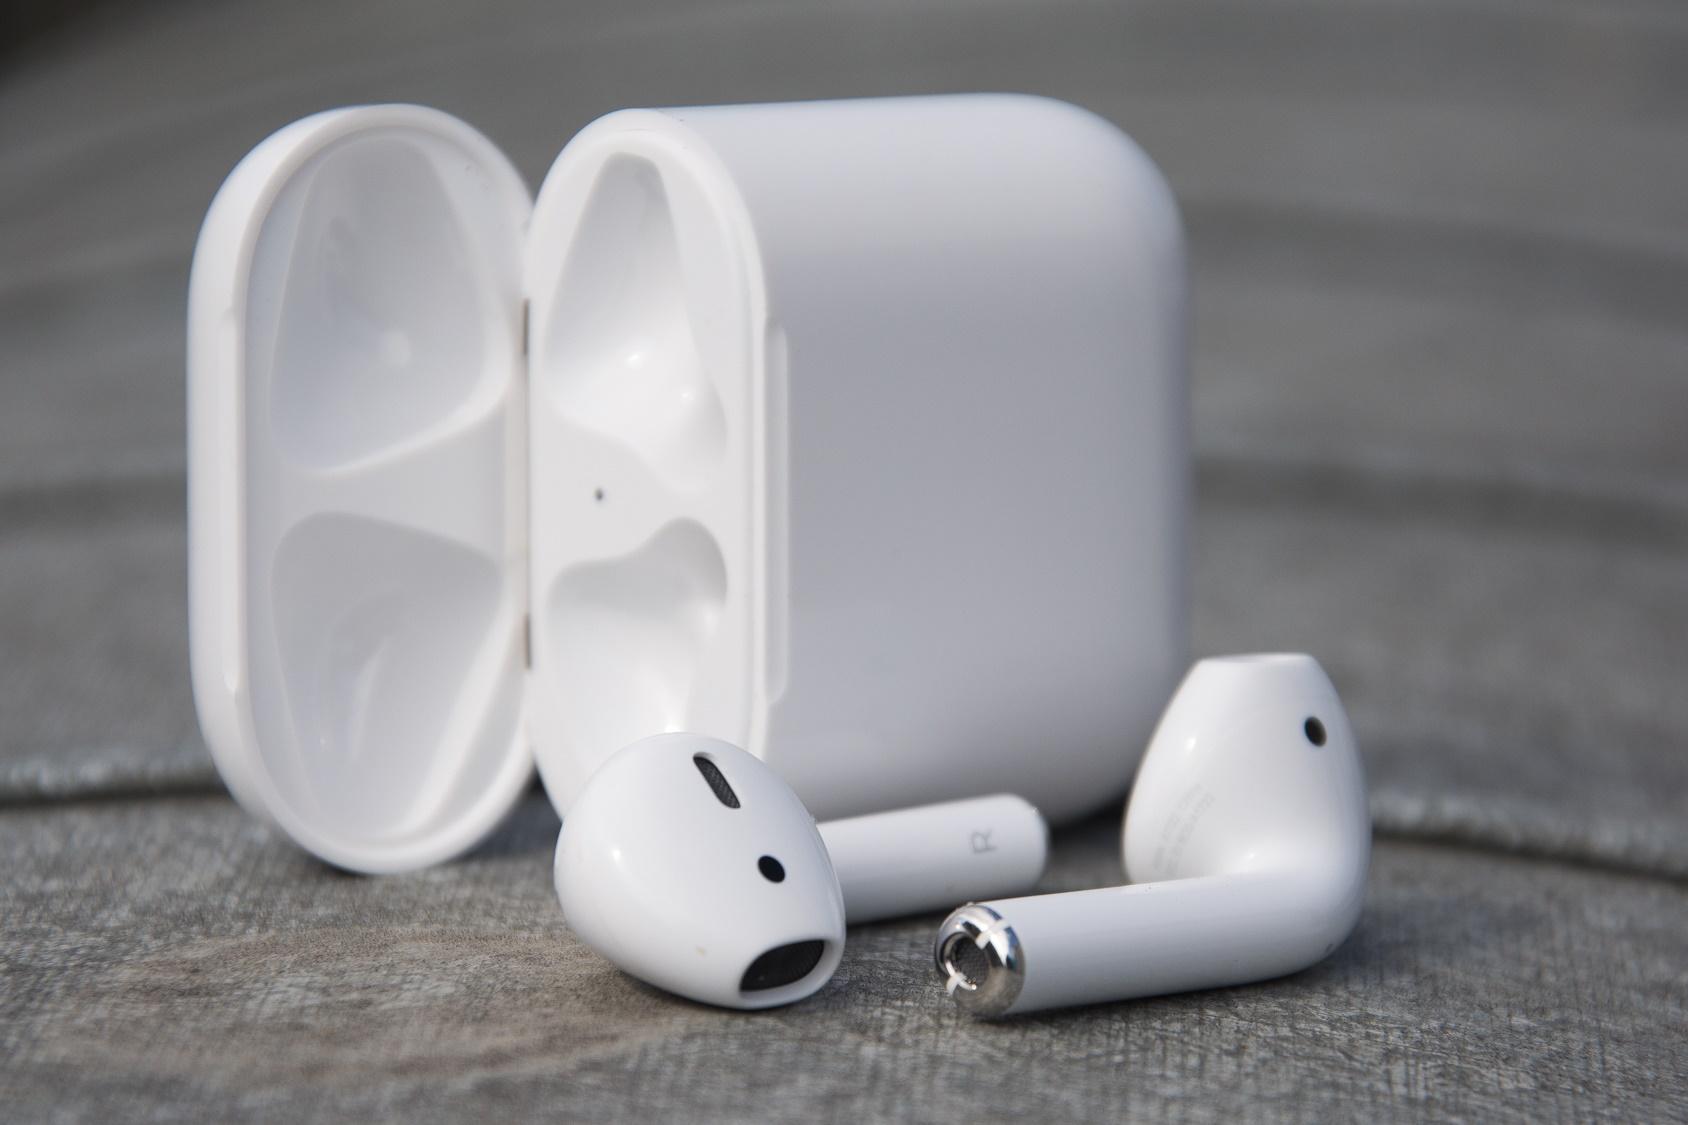 Imagem de Apple pode lançar novos AirPods com cancelamento de ruído já em 2019 no tecmundo